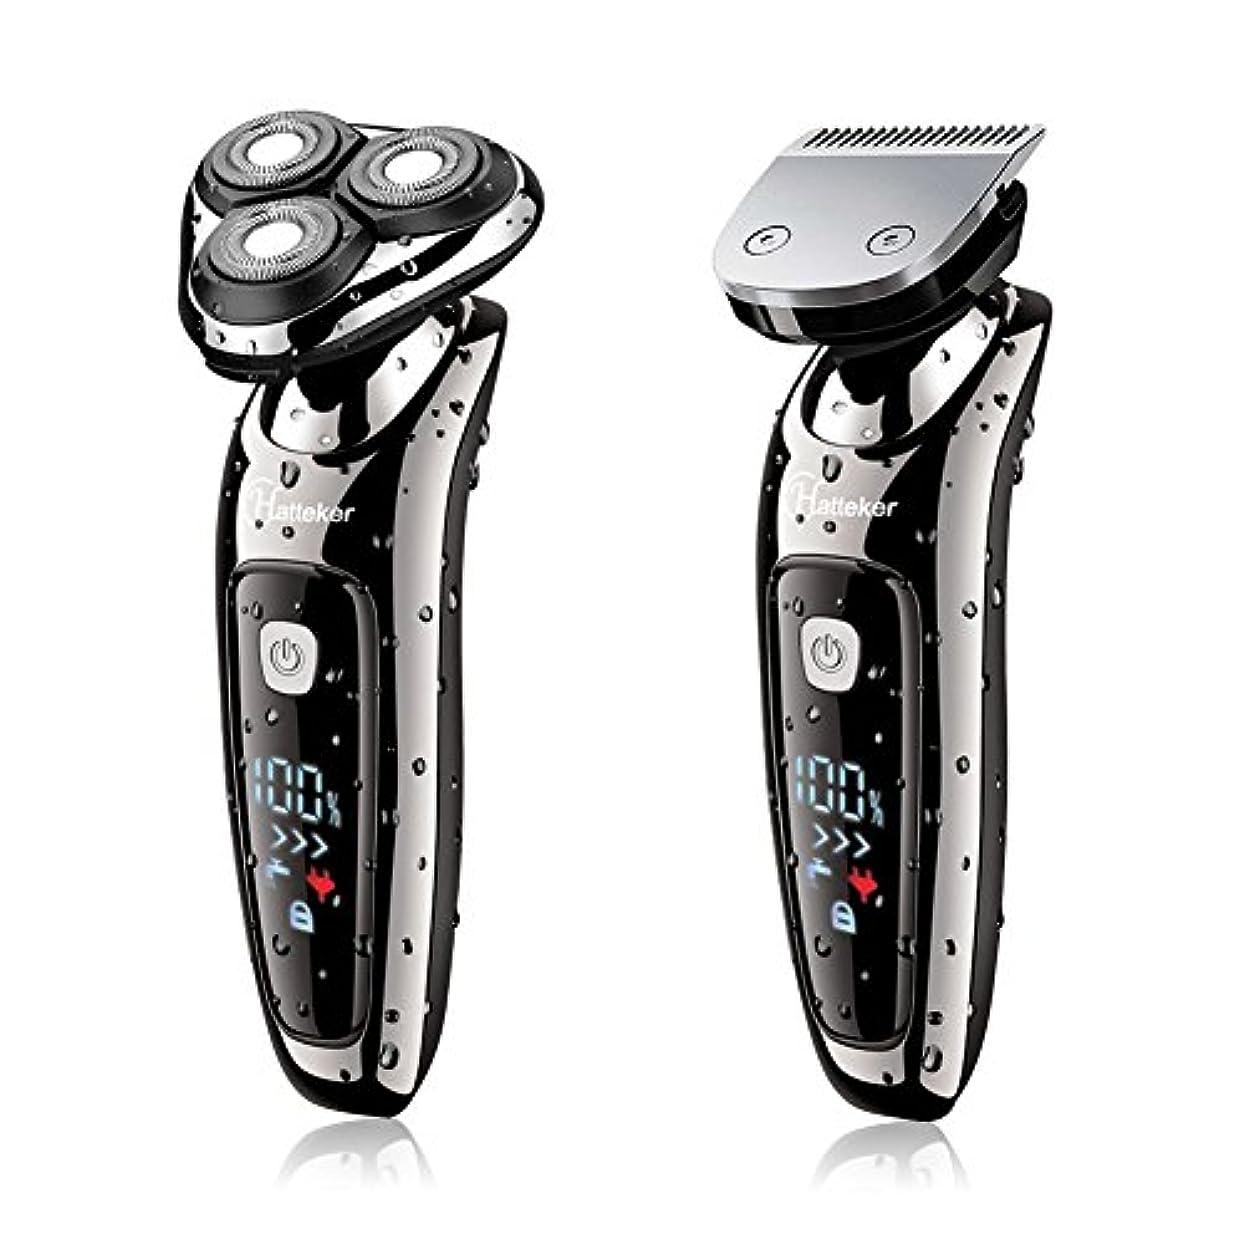 テクスチャー確認遅いHATTEKER 電気シェーバー メンズ ひげ剃り充電式·交流式 バリカン/ヒゲ トリマーヘッド付き LEDディスプレイ 水洗いOK